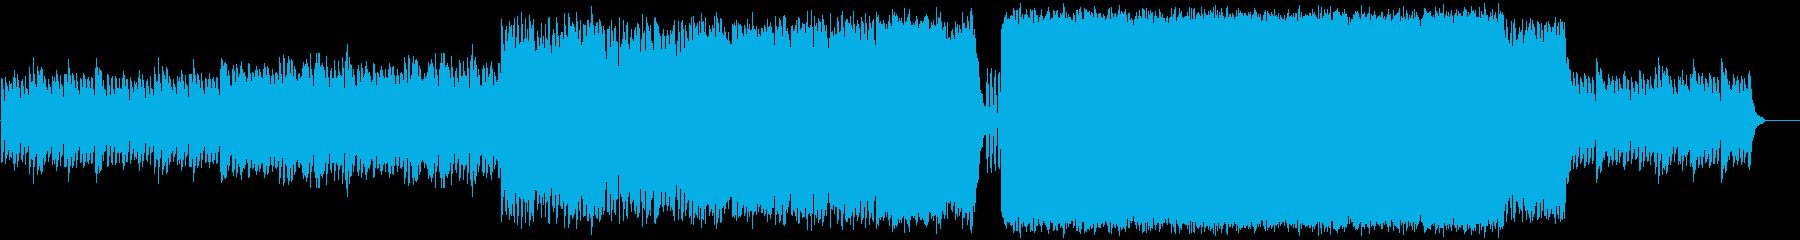 ゴシックっぽい要素を含んだスローロック曲の再生済みの波形